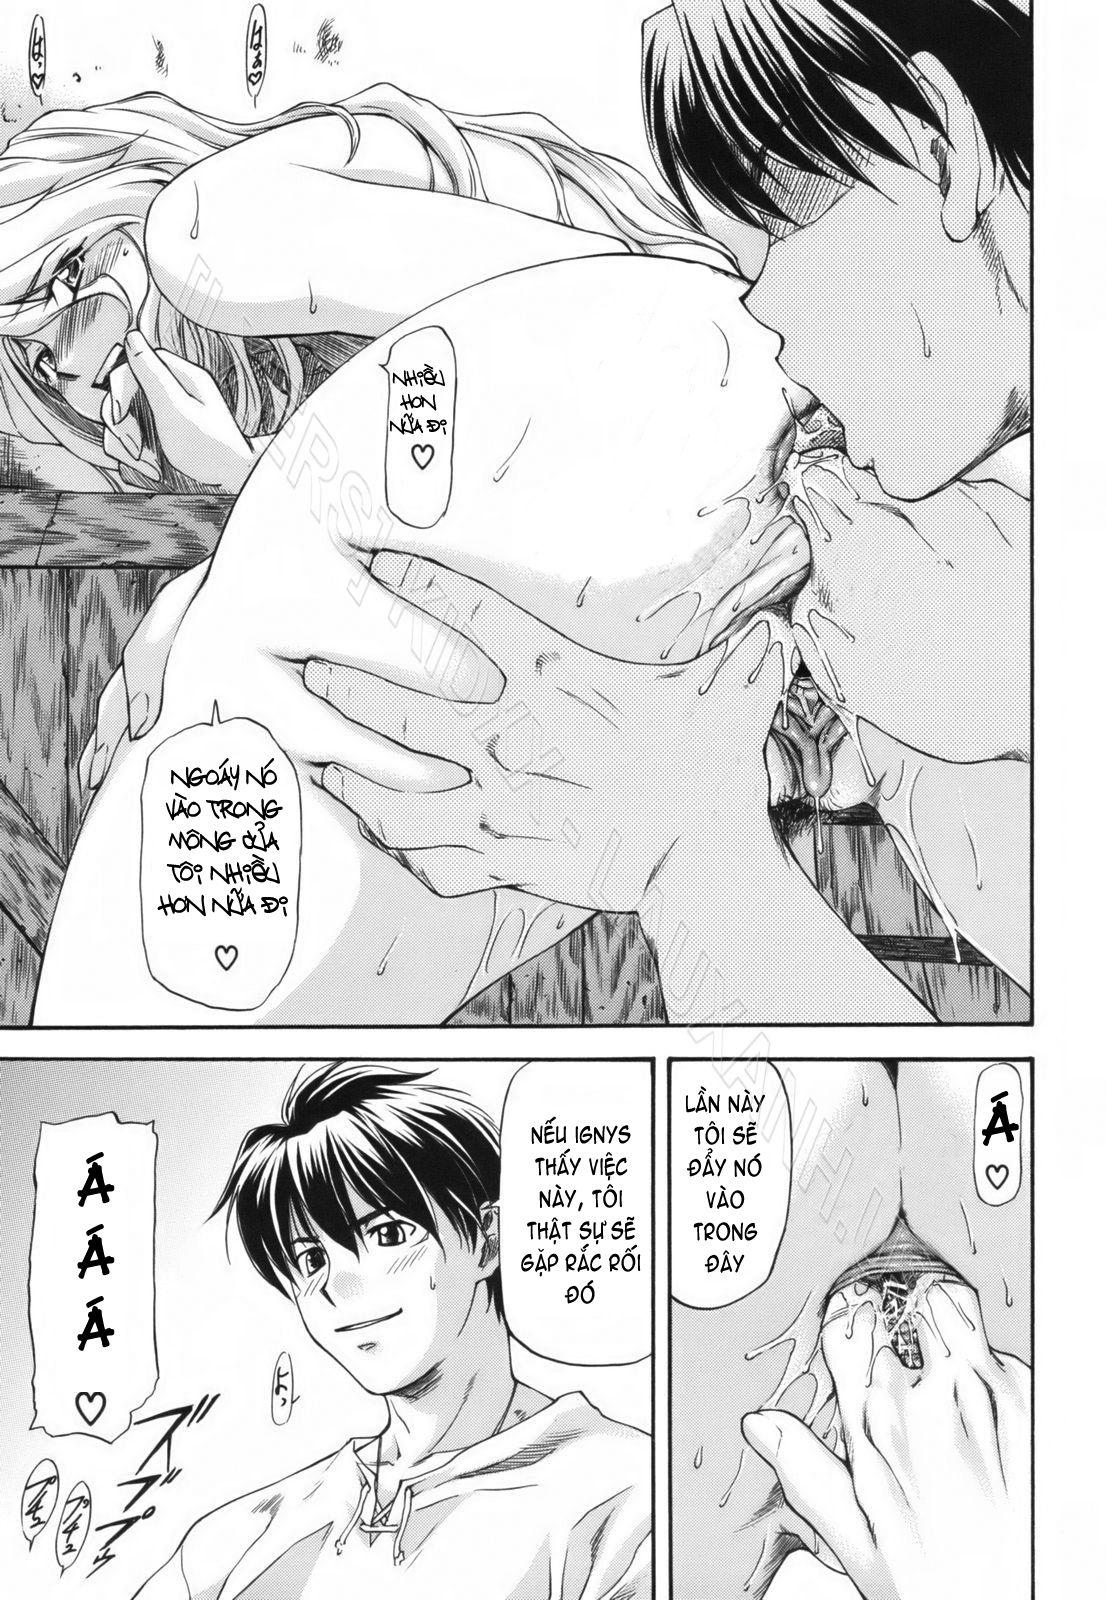 Hình ảnh Hinh_020 in Truyện tranh hentai không che: Parabellum